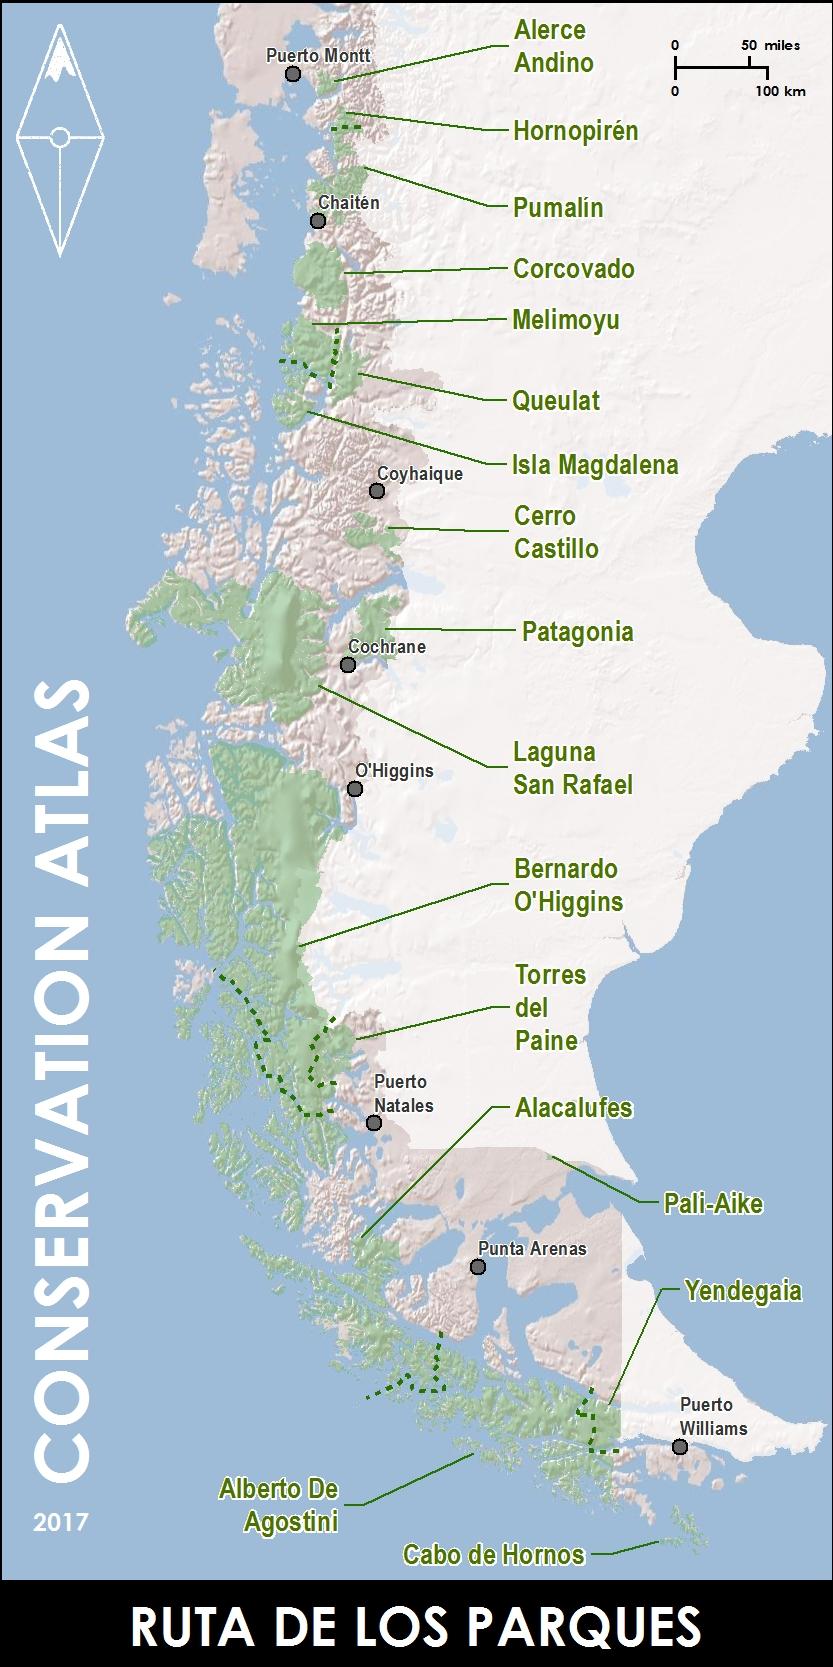 Conservation Atlas - Ruta de los Parques, Route of Parks map Chile